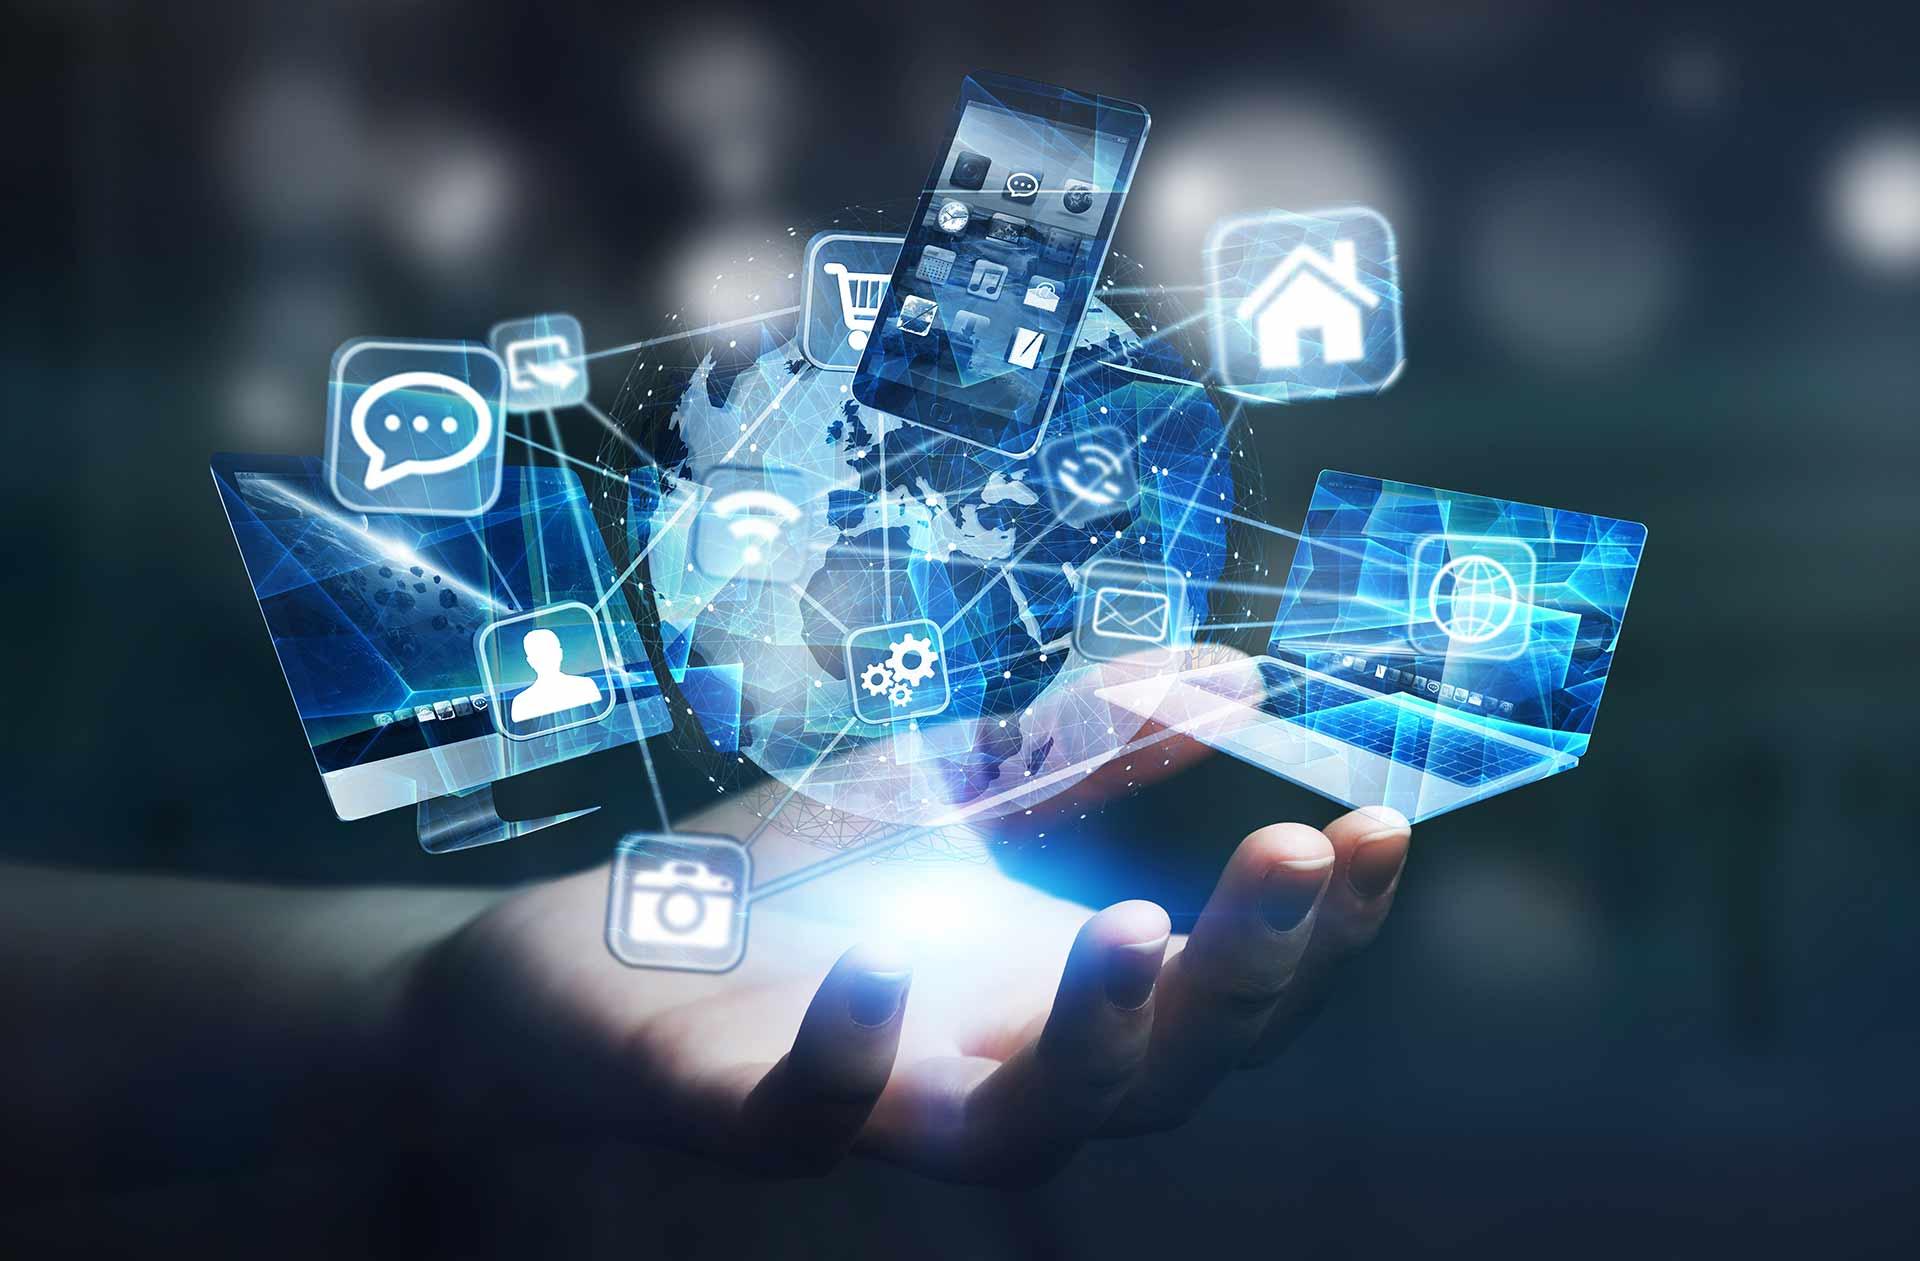 La transformación digital es clave en las empresas actuales